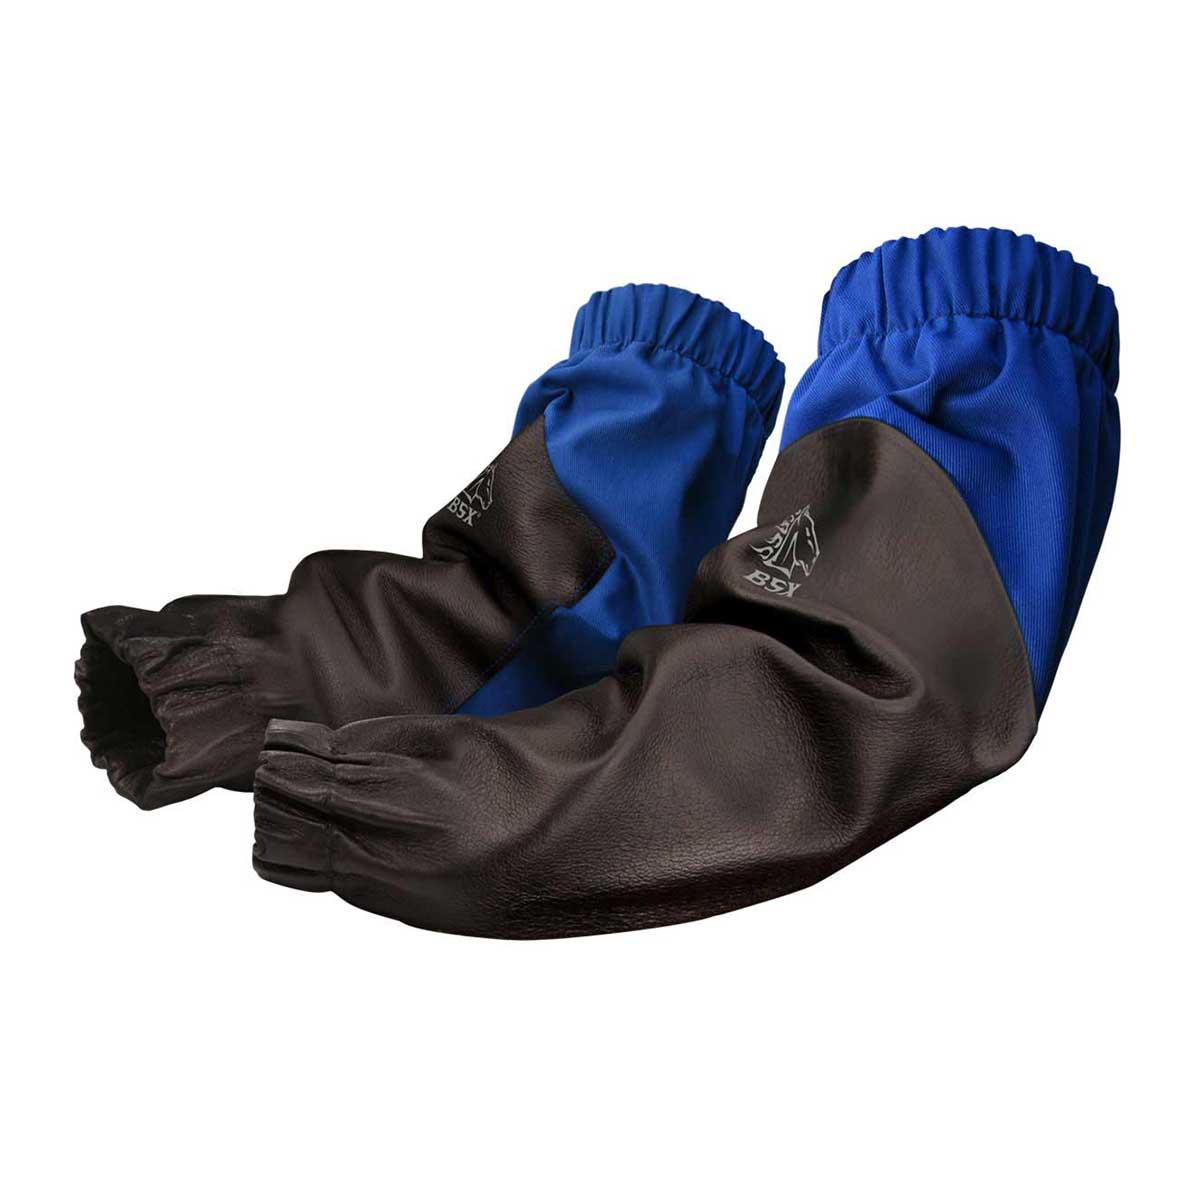 BSX ROYAL BLUE FR/BLACK REINFORCED GRAIN PIGSKIN SLEEVES. Pack 1. 19″. 60-8021